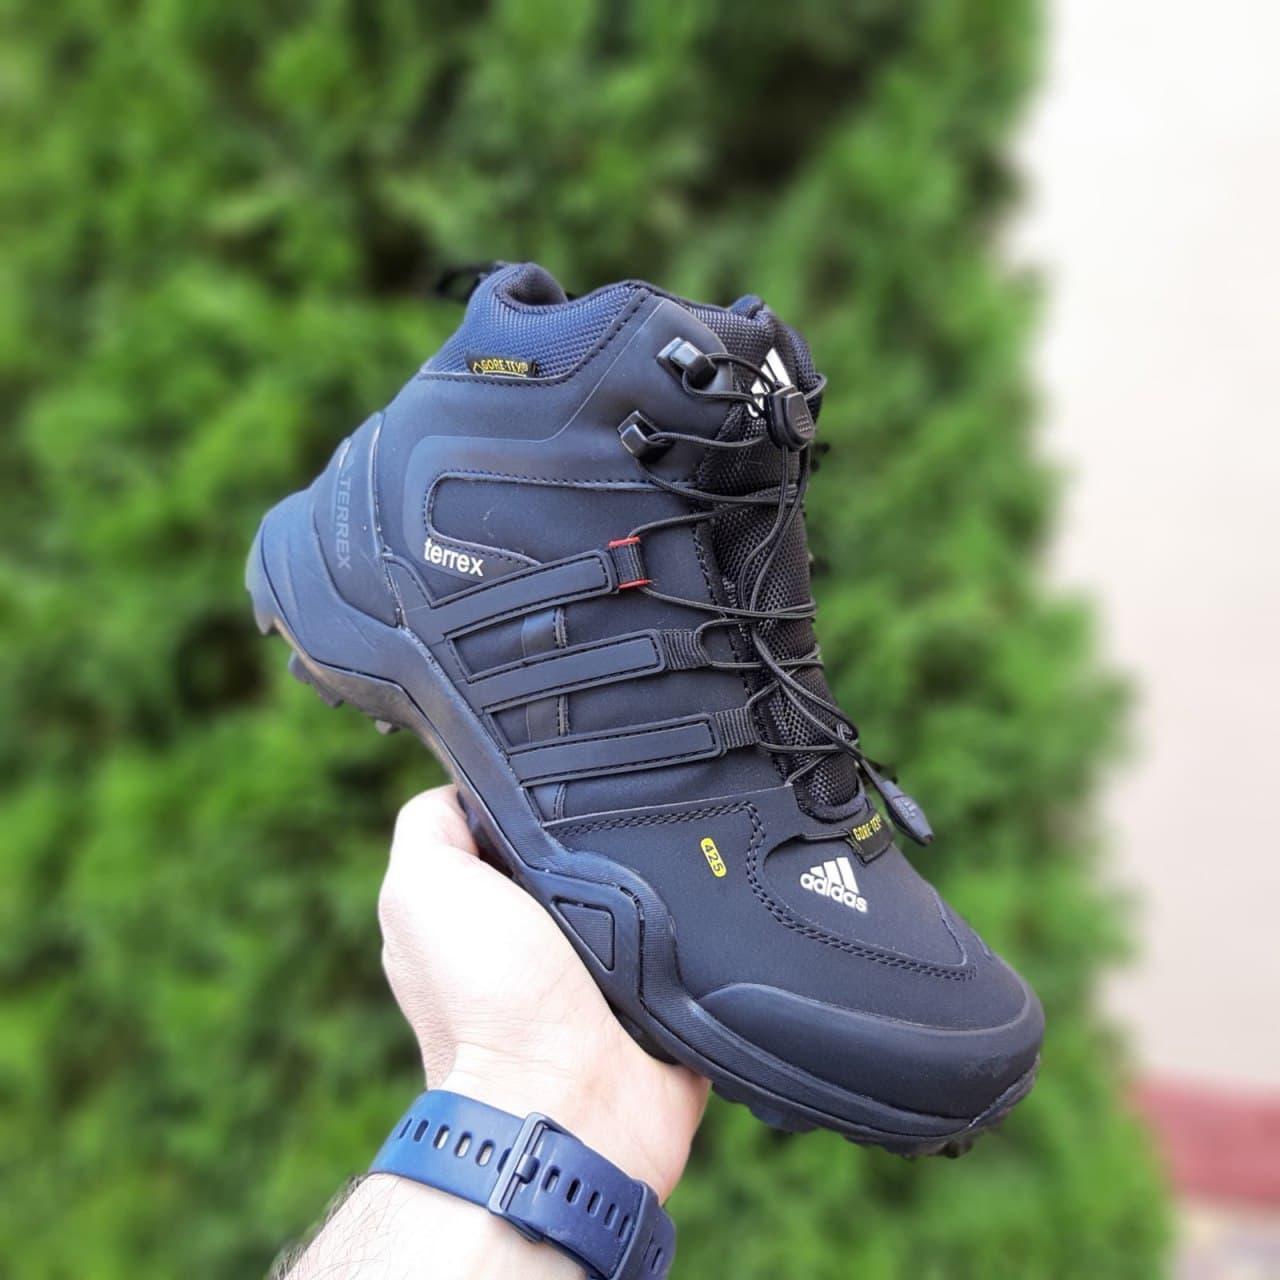 Мужские зимние кроссовки Adidas Terrex 425 (черные с белым) О3699 качественные крутые кроссы